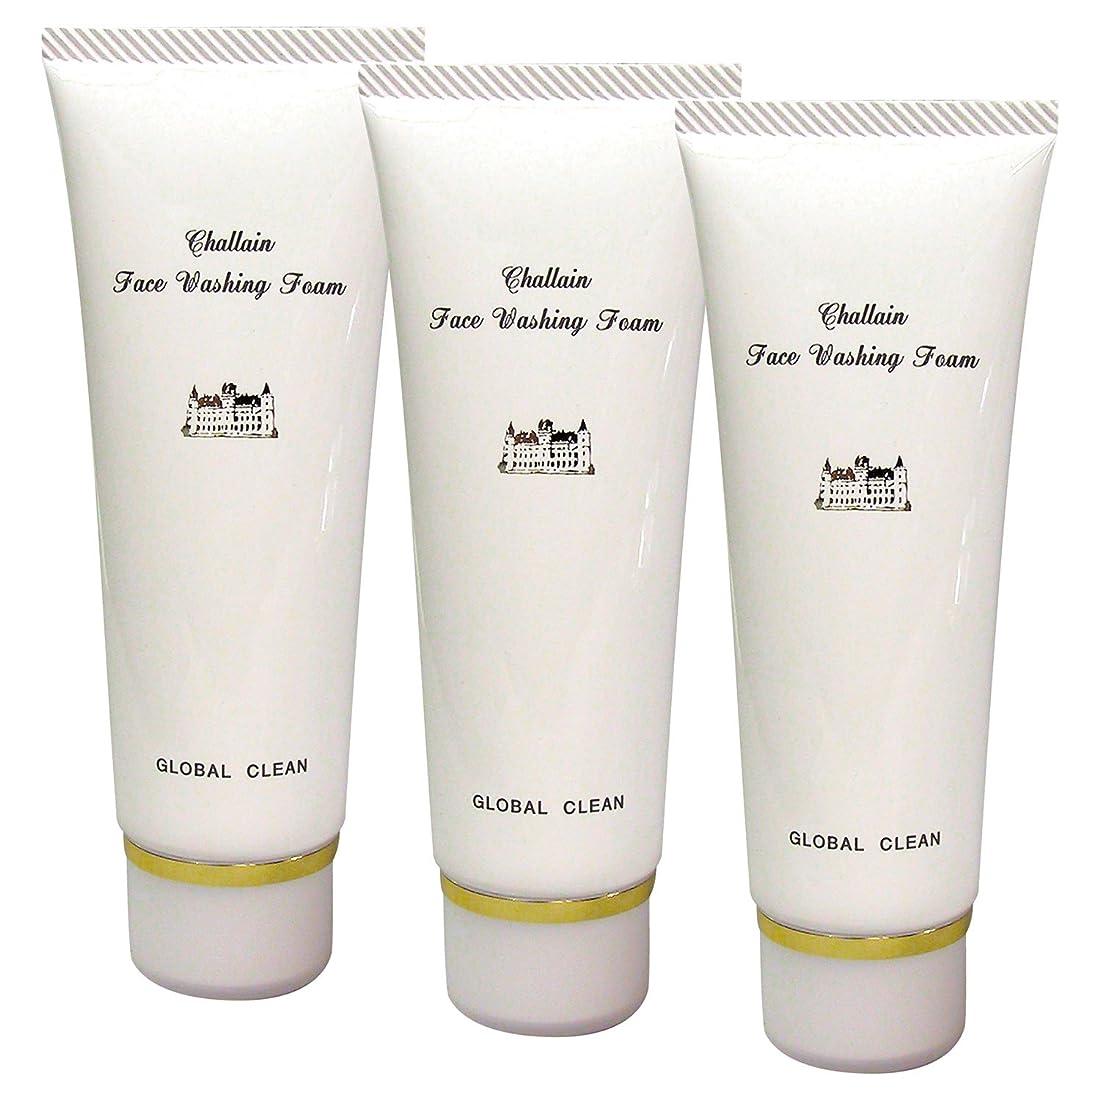 乳剤おっと特性油脂と製法にこだわった熟成洗顔フォーム! シャラン洗顔フォーム 3個組